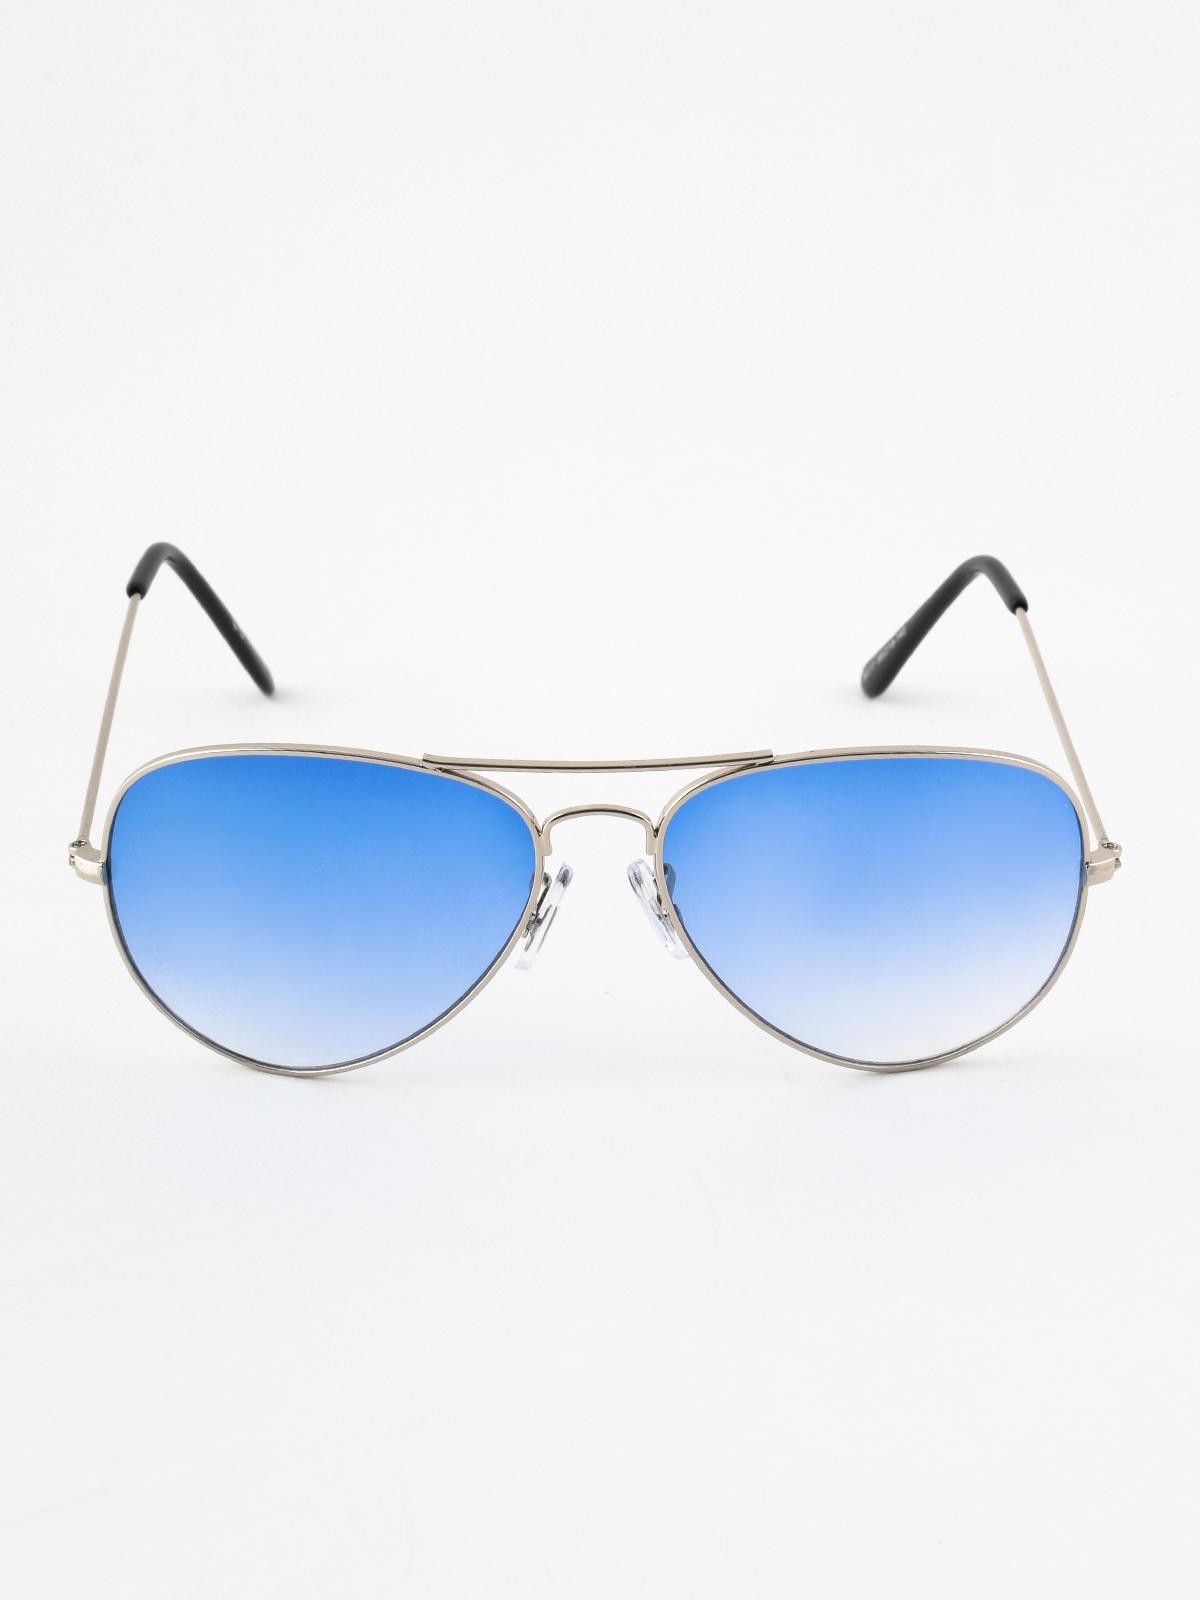 prima qualità stile popolare sito ufficiale Occhiali da sole con lenti blu seevision | MecShopping